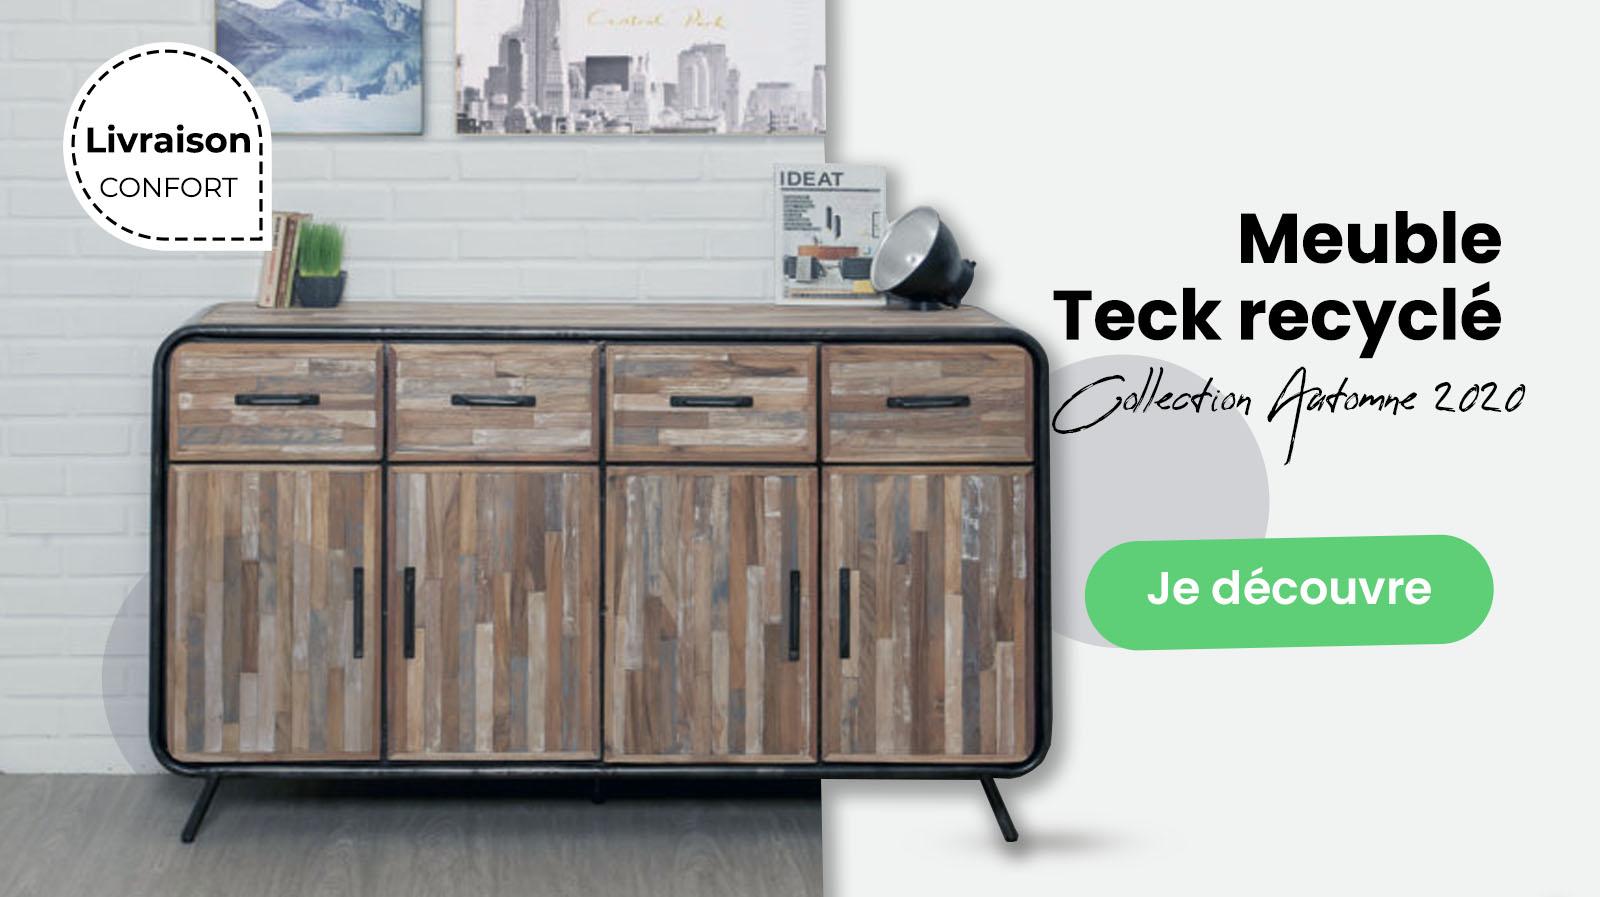 Meuble teck recyclé - Collection Automne 2020